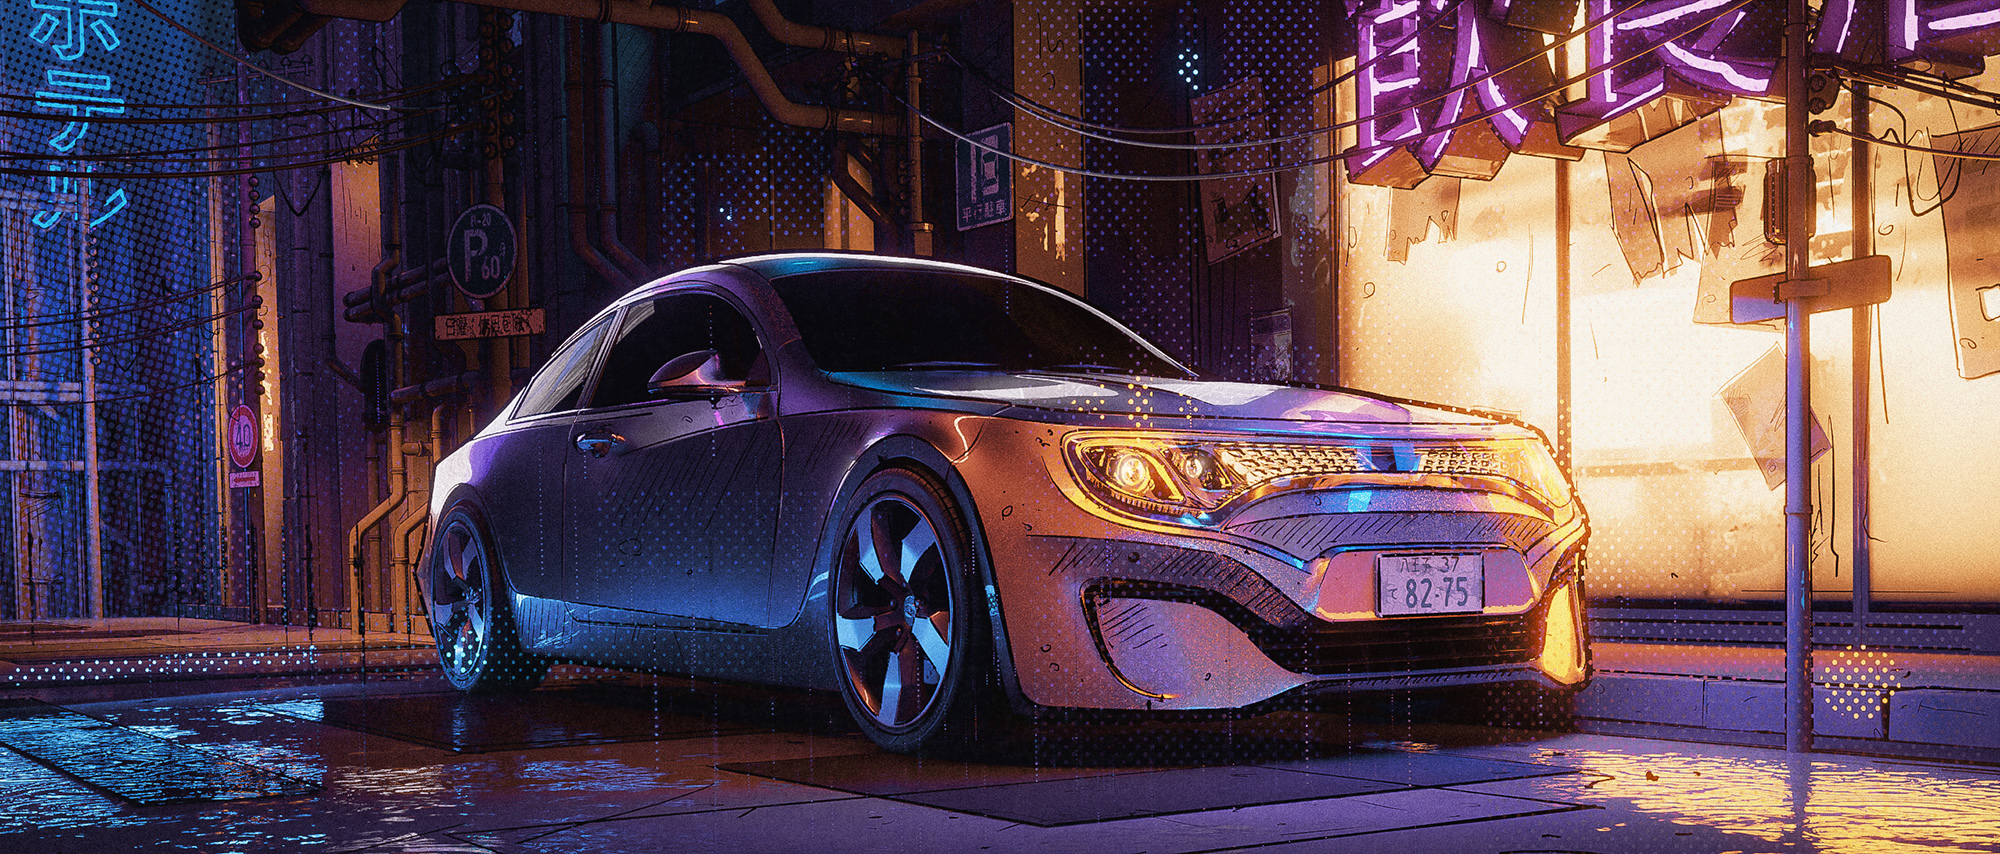 Neon Car 3d art